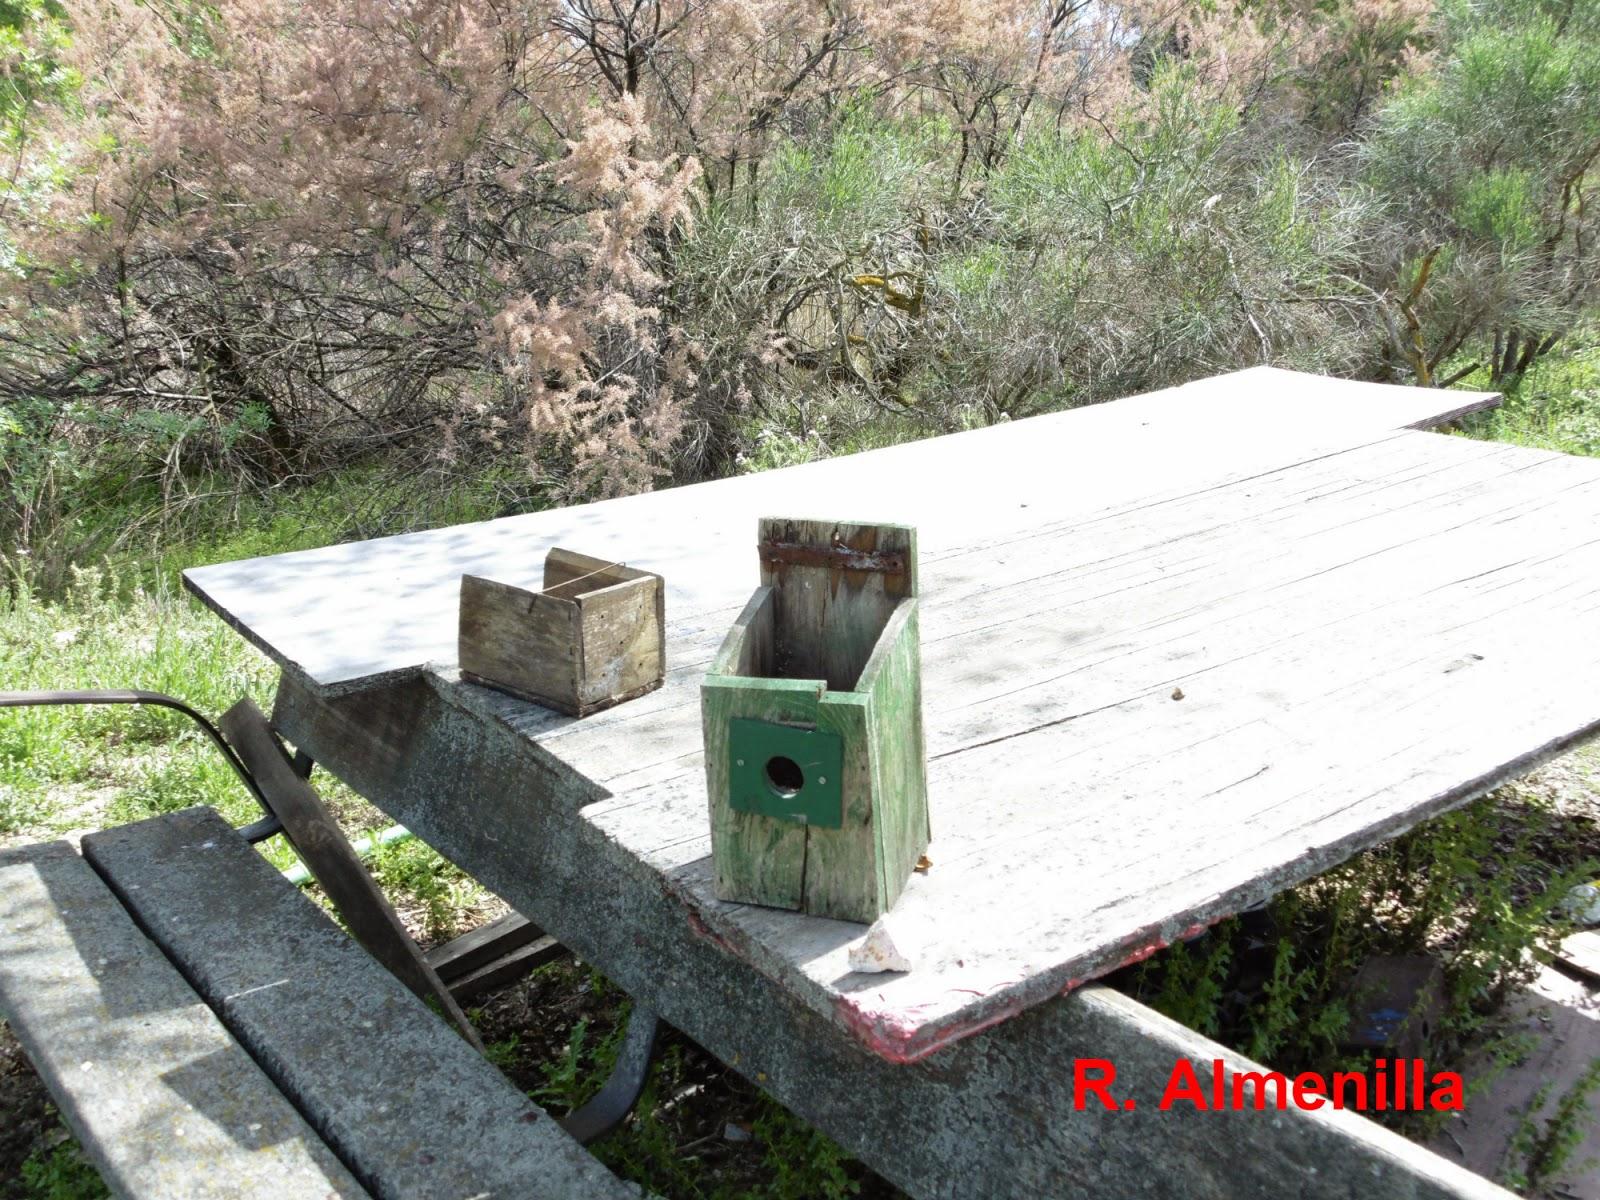 Descubriendo las aves de madrid sur ruta por getafe for Como llegar a getafe